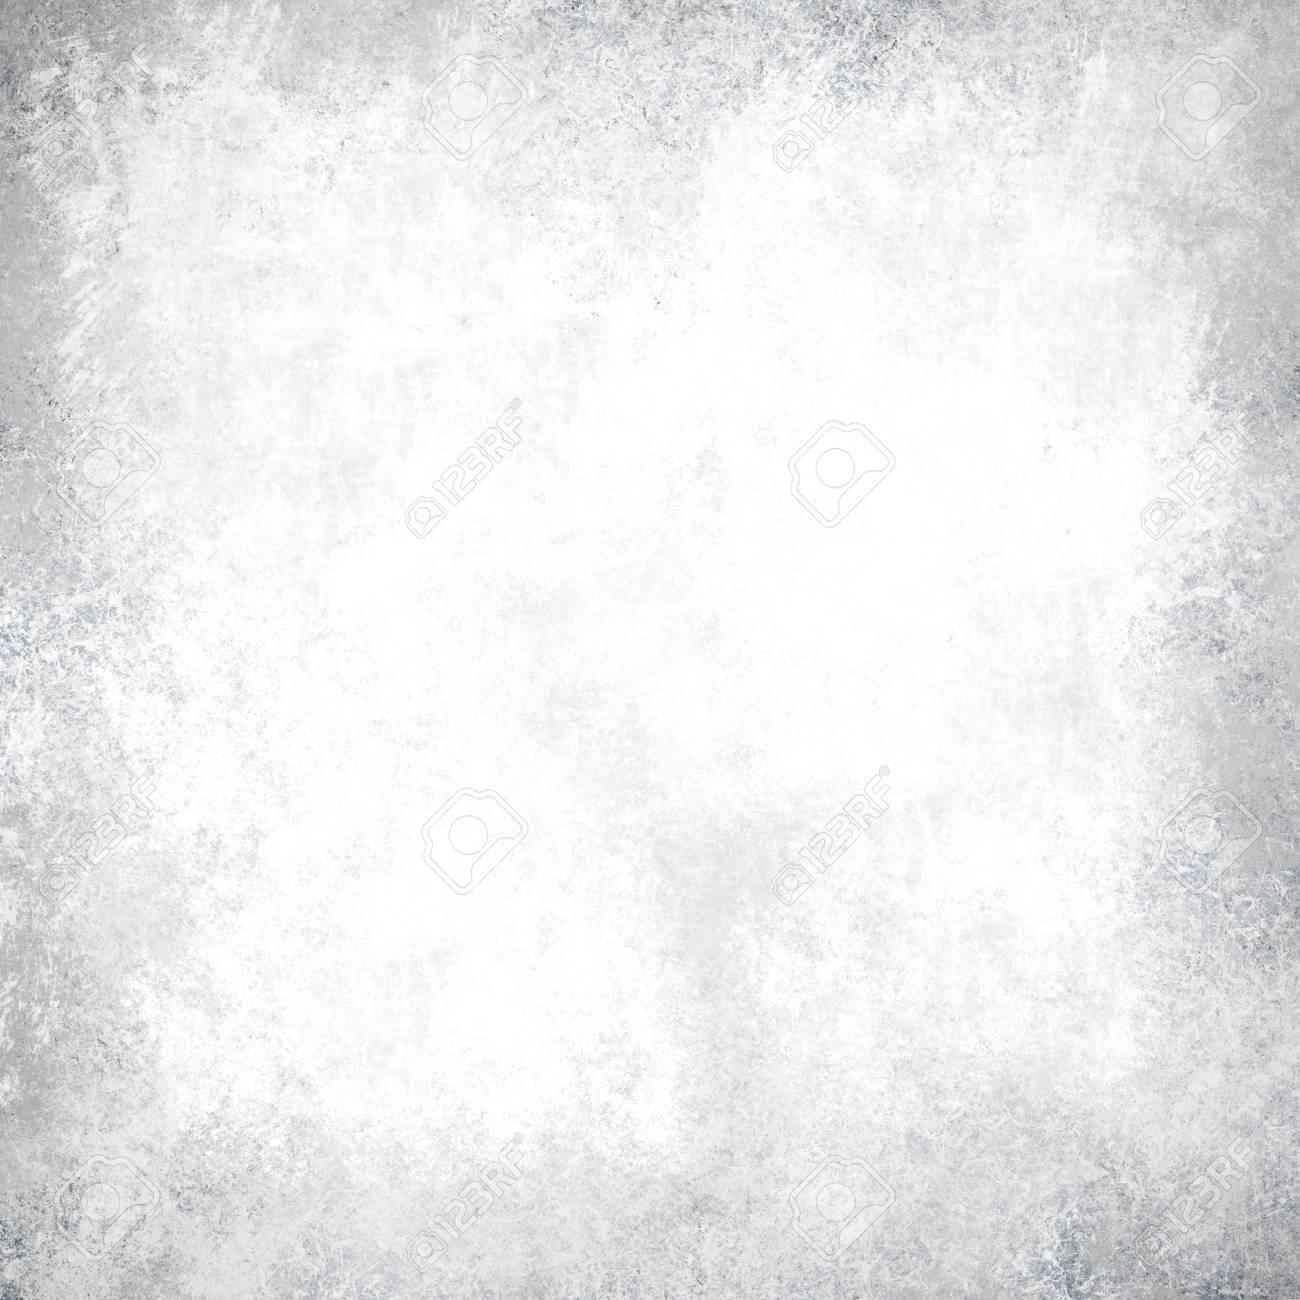 Fond Blanc Abstrait Gris Couleur Grunge Vintage Texture D Arriere Plan Fond Argent Glacial Luxe Fond Leger Design Noel Noir Et Blanc Impression Monochrome Couleur Vieux Livre Blanc Banque D Images Et Photos Libres De